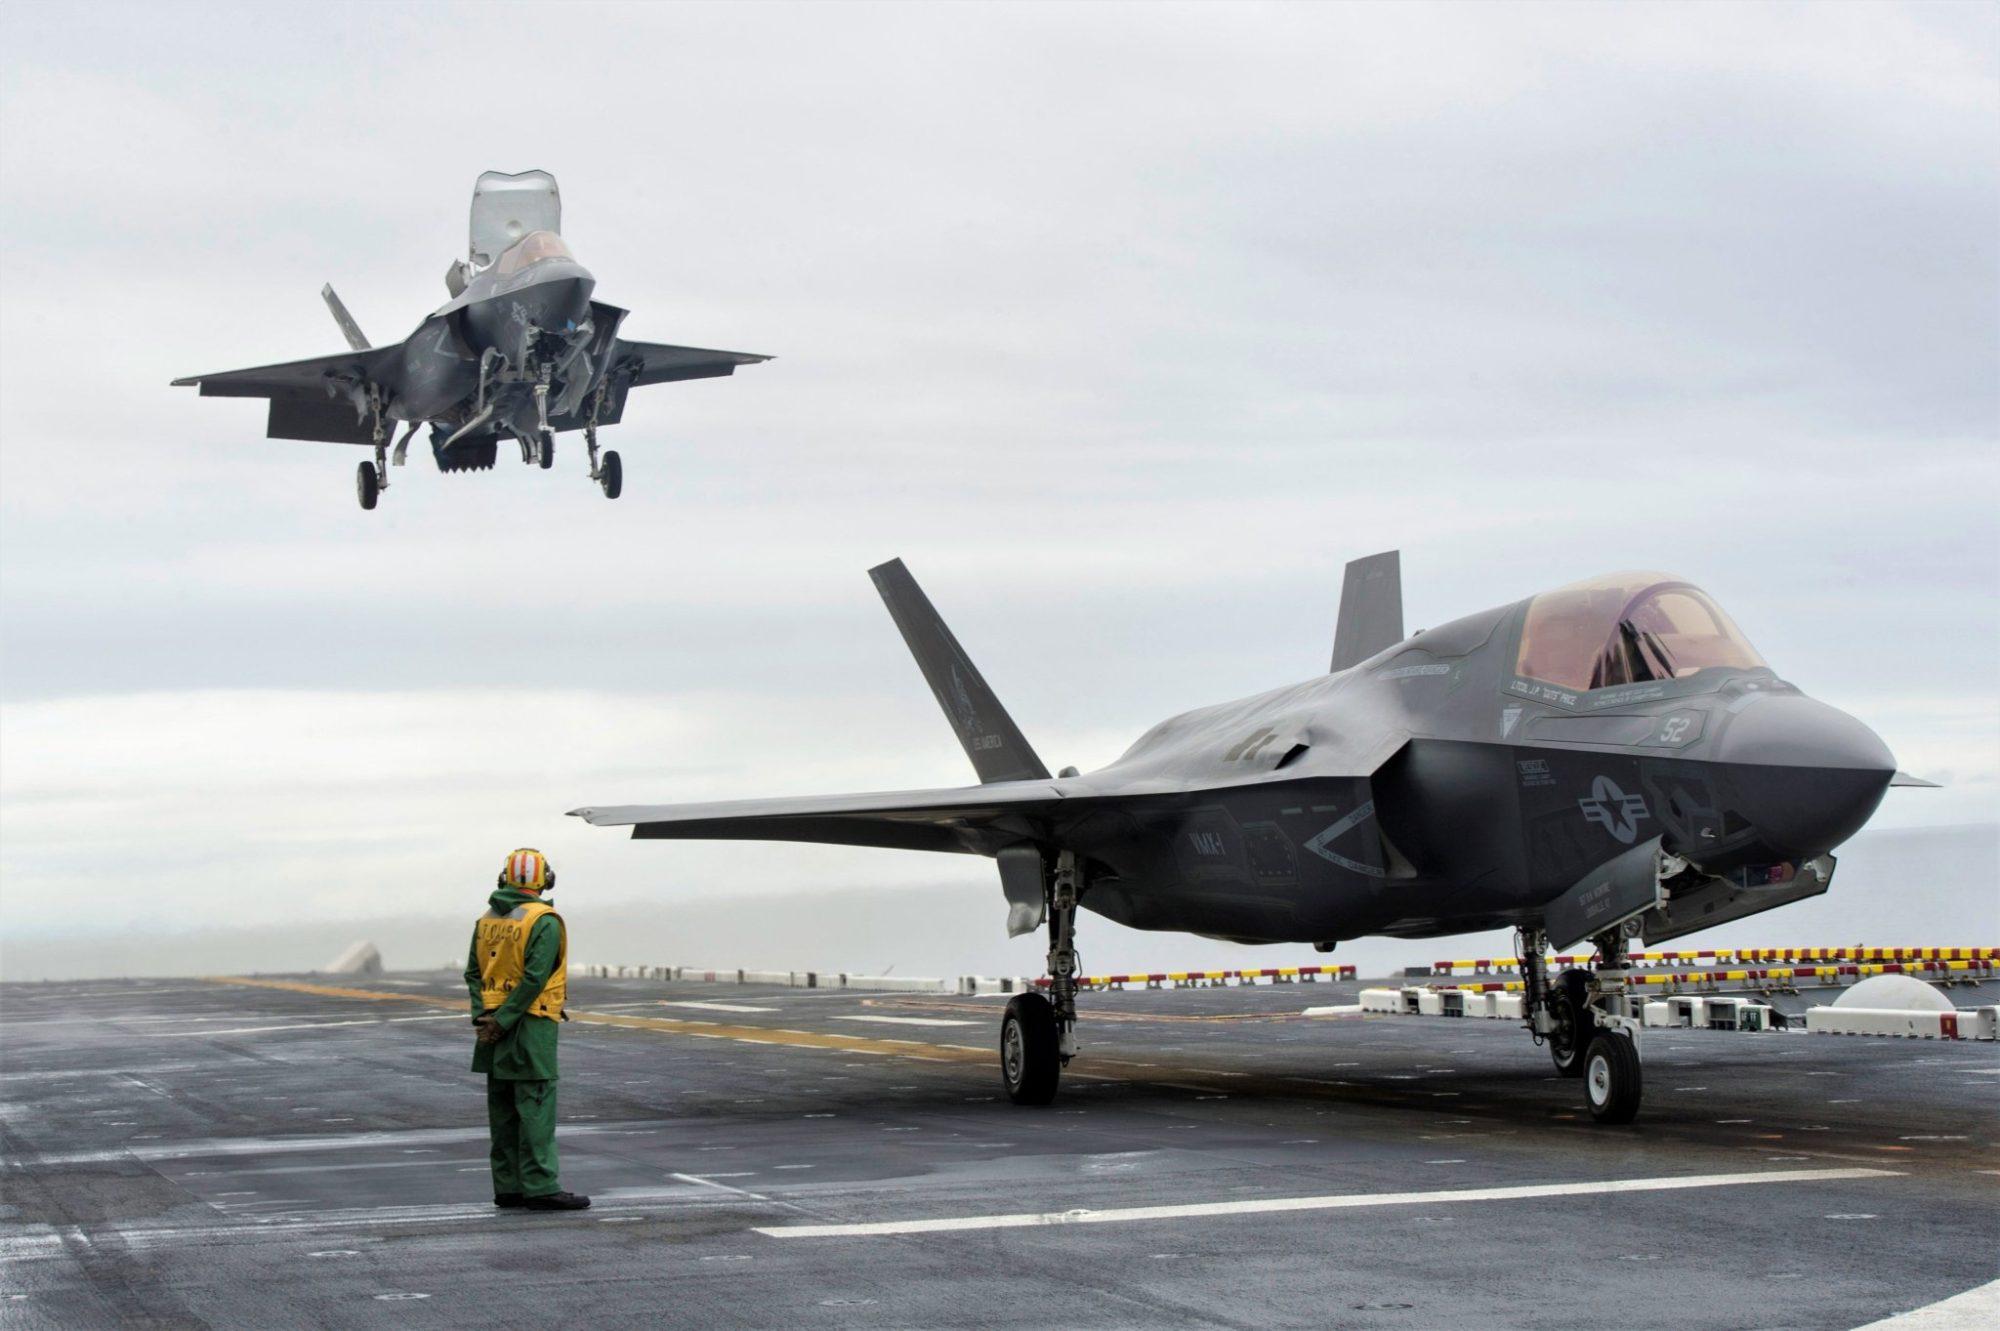 Goteo Adolescente Sada  Marinha da Coreia do Sul vai construir porta-aviões leve para jatos F-35B -  Poder Naval - A informação naval comentada e discutida